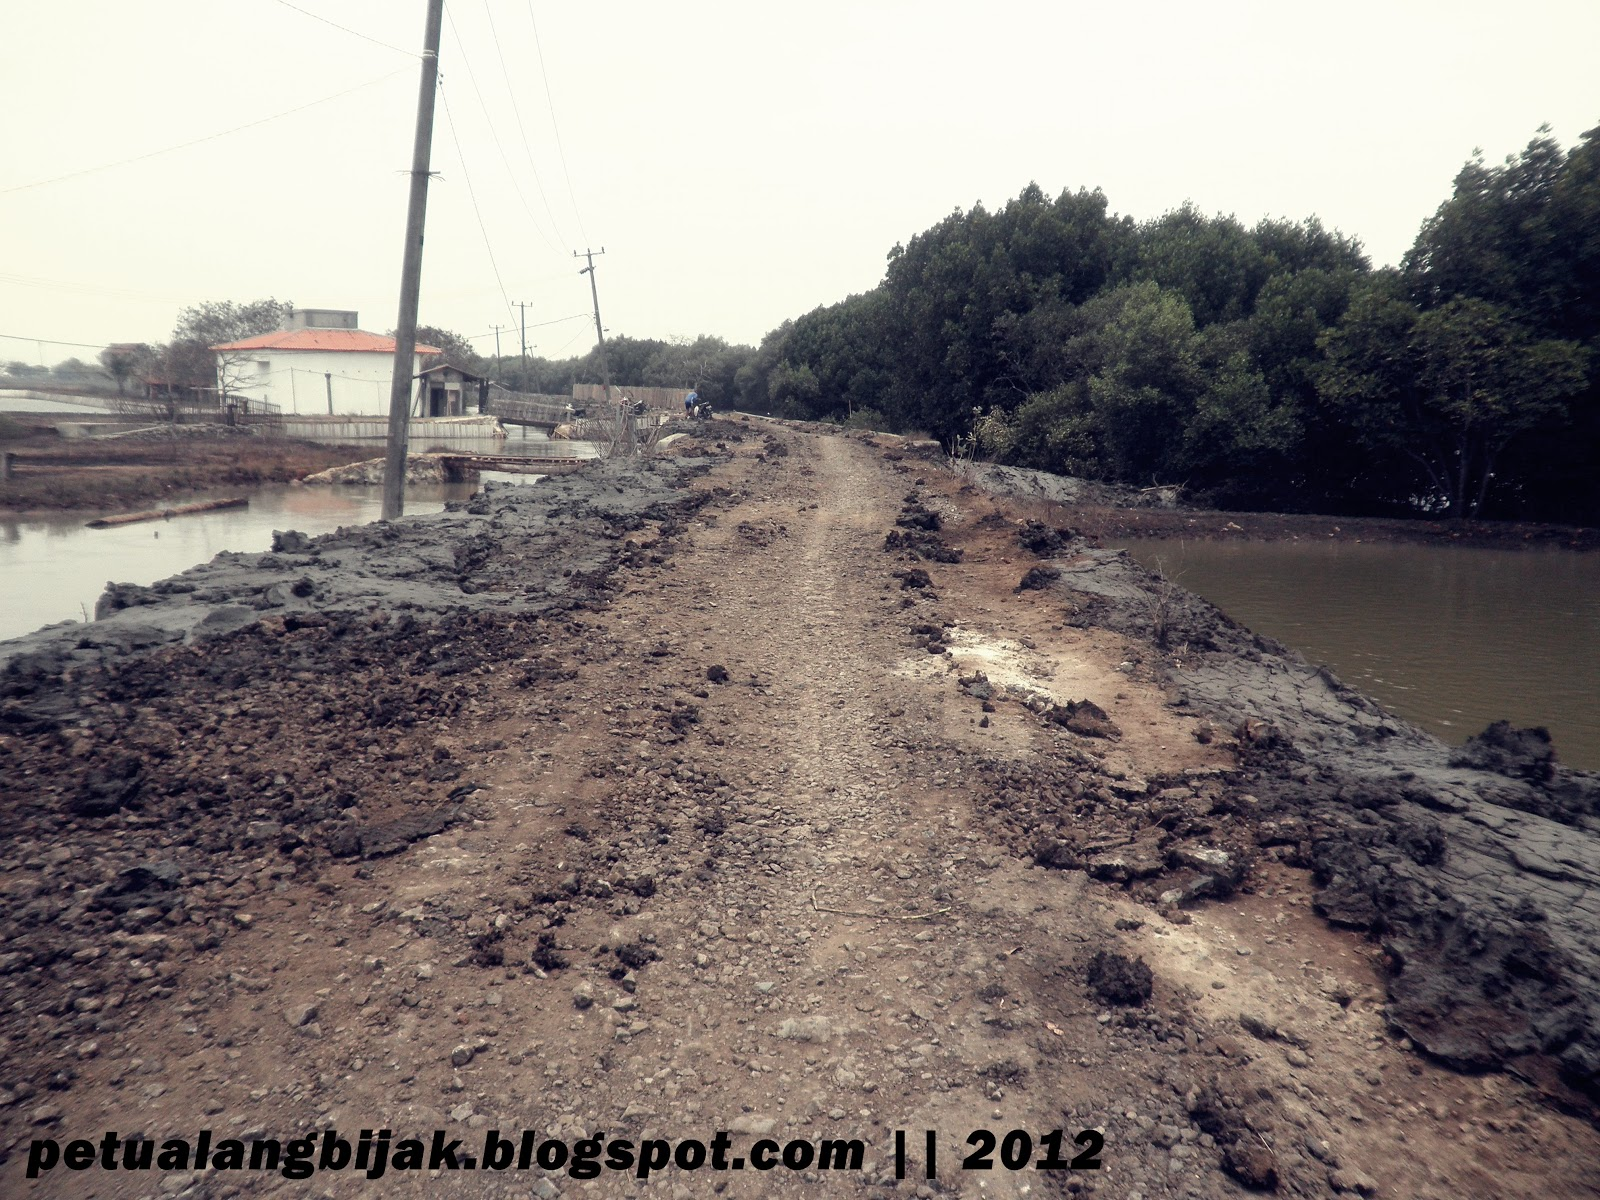 Petualang Pulau Cangkir Jalan Rusak 2 Kab Tangerang